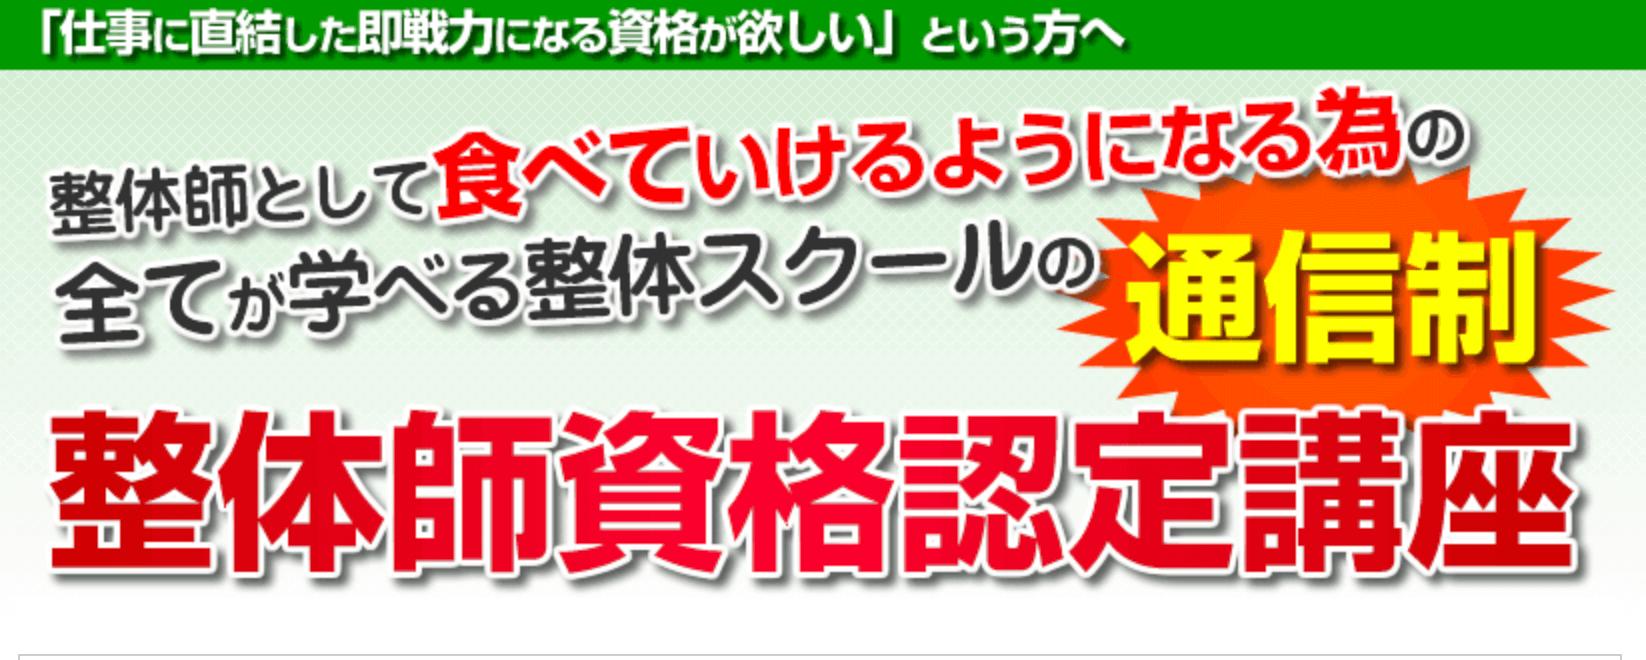 大神田まさあきのOKANSHA整体スクール通信コース